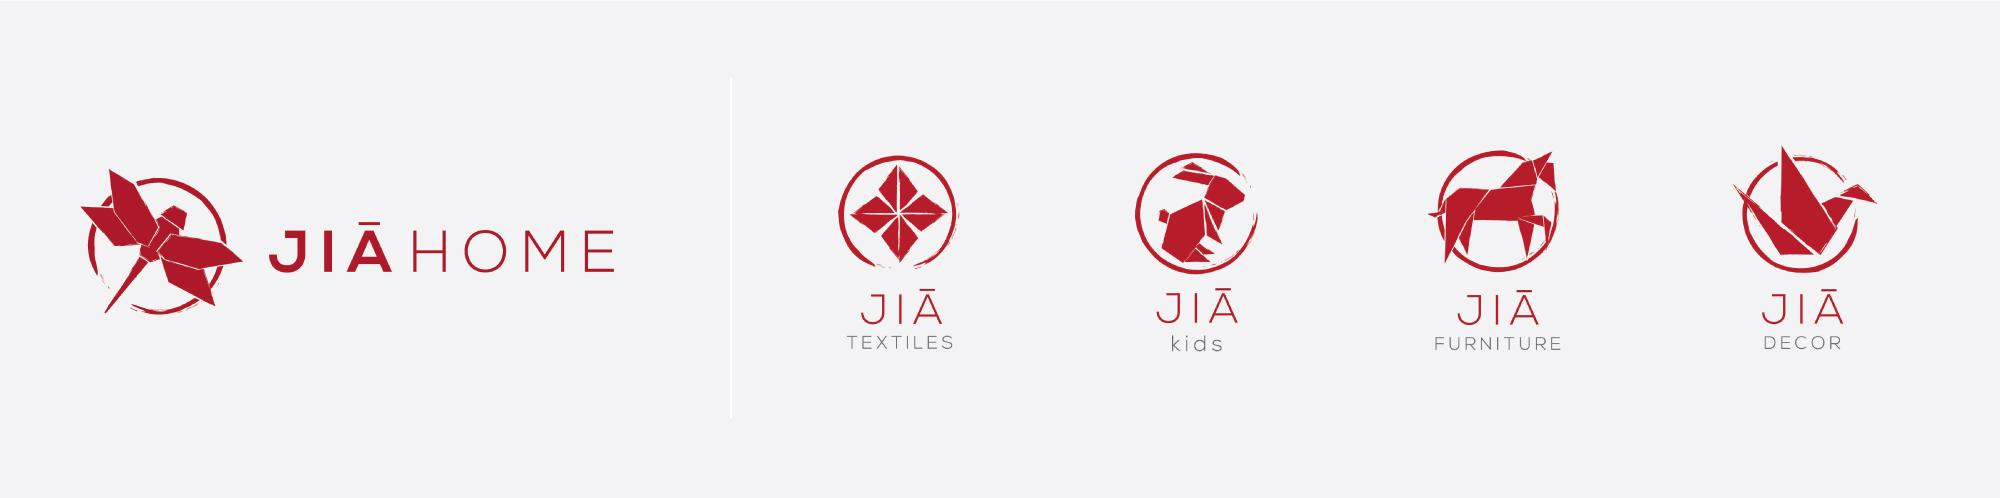 Jia_logos.jpg